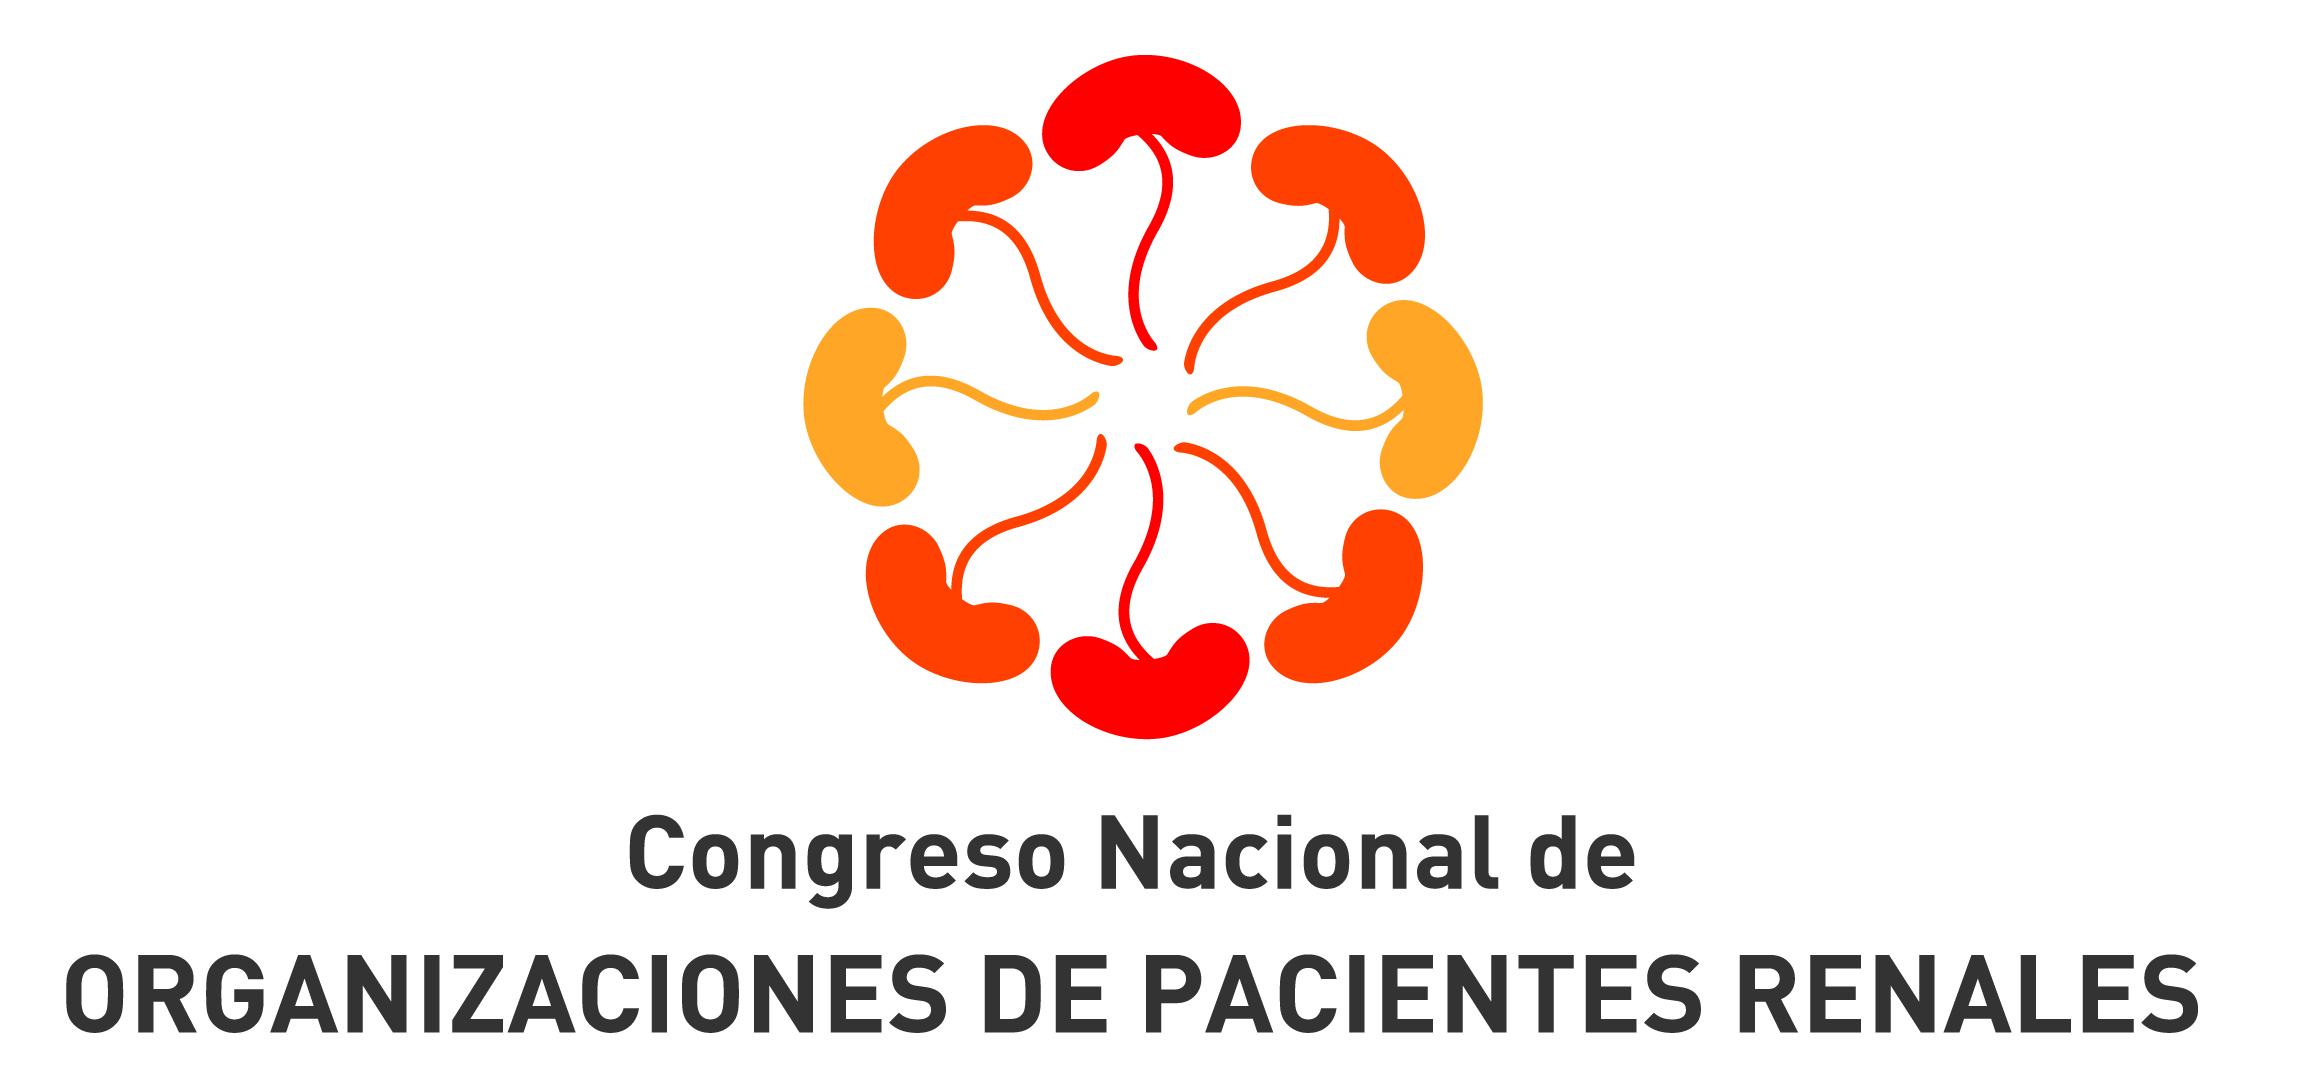 1er. Congreso Nacional de Organizaciones de Pacientes Renales